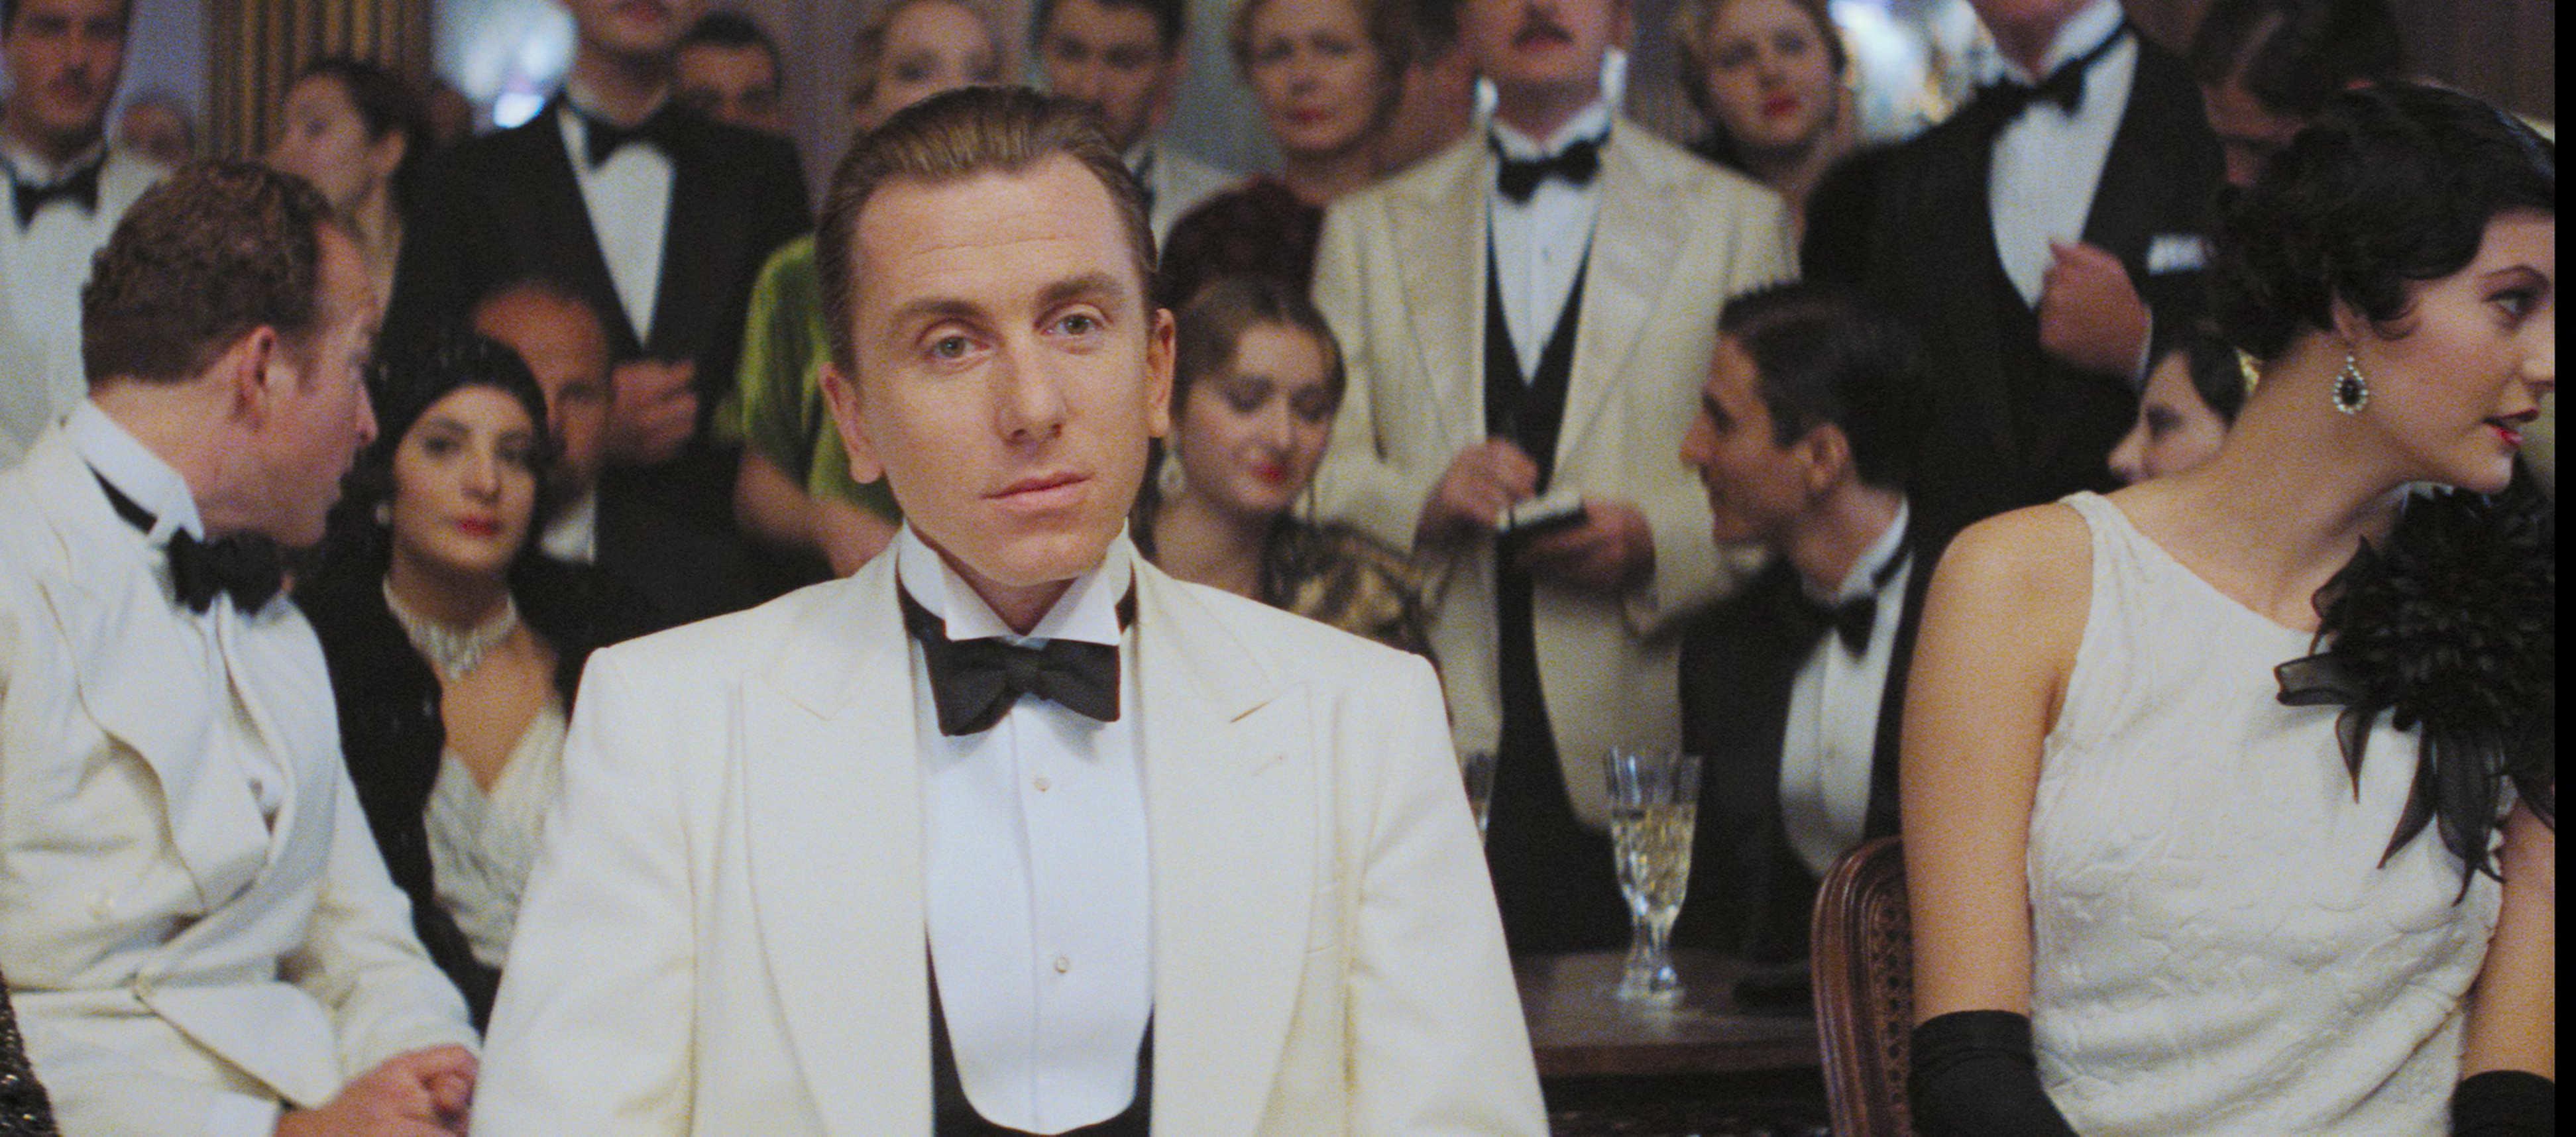 提姆羅斯在好萊塢炙手可熱,卻因為電影被盜版在烏克蘭大紅